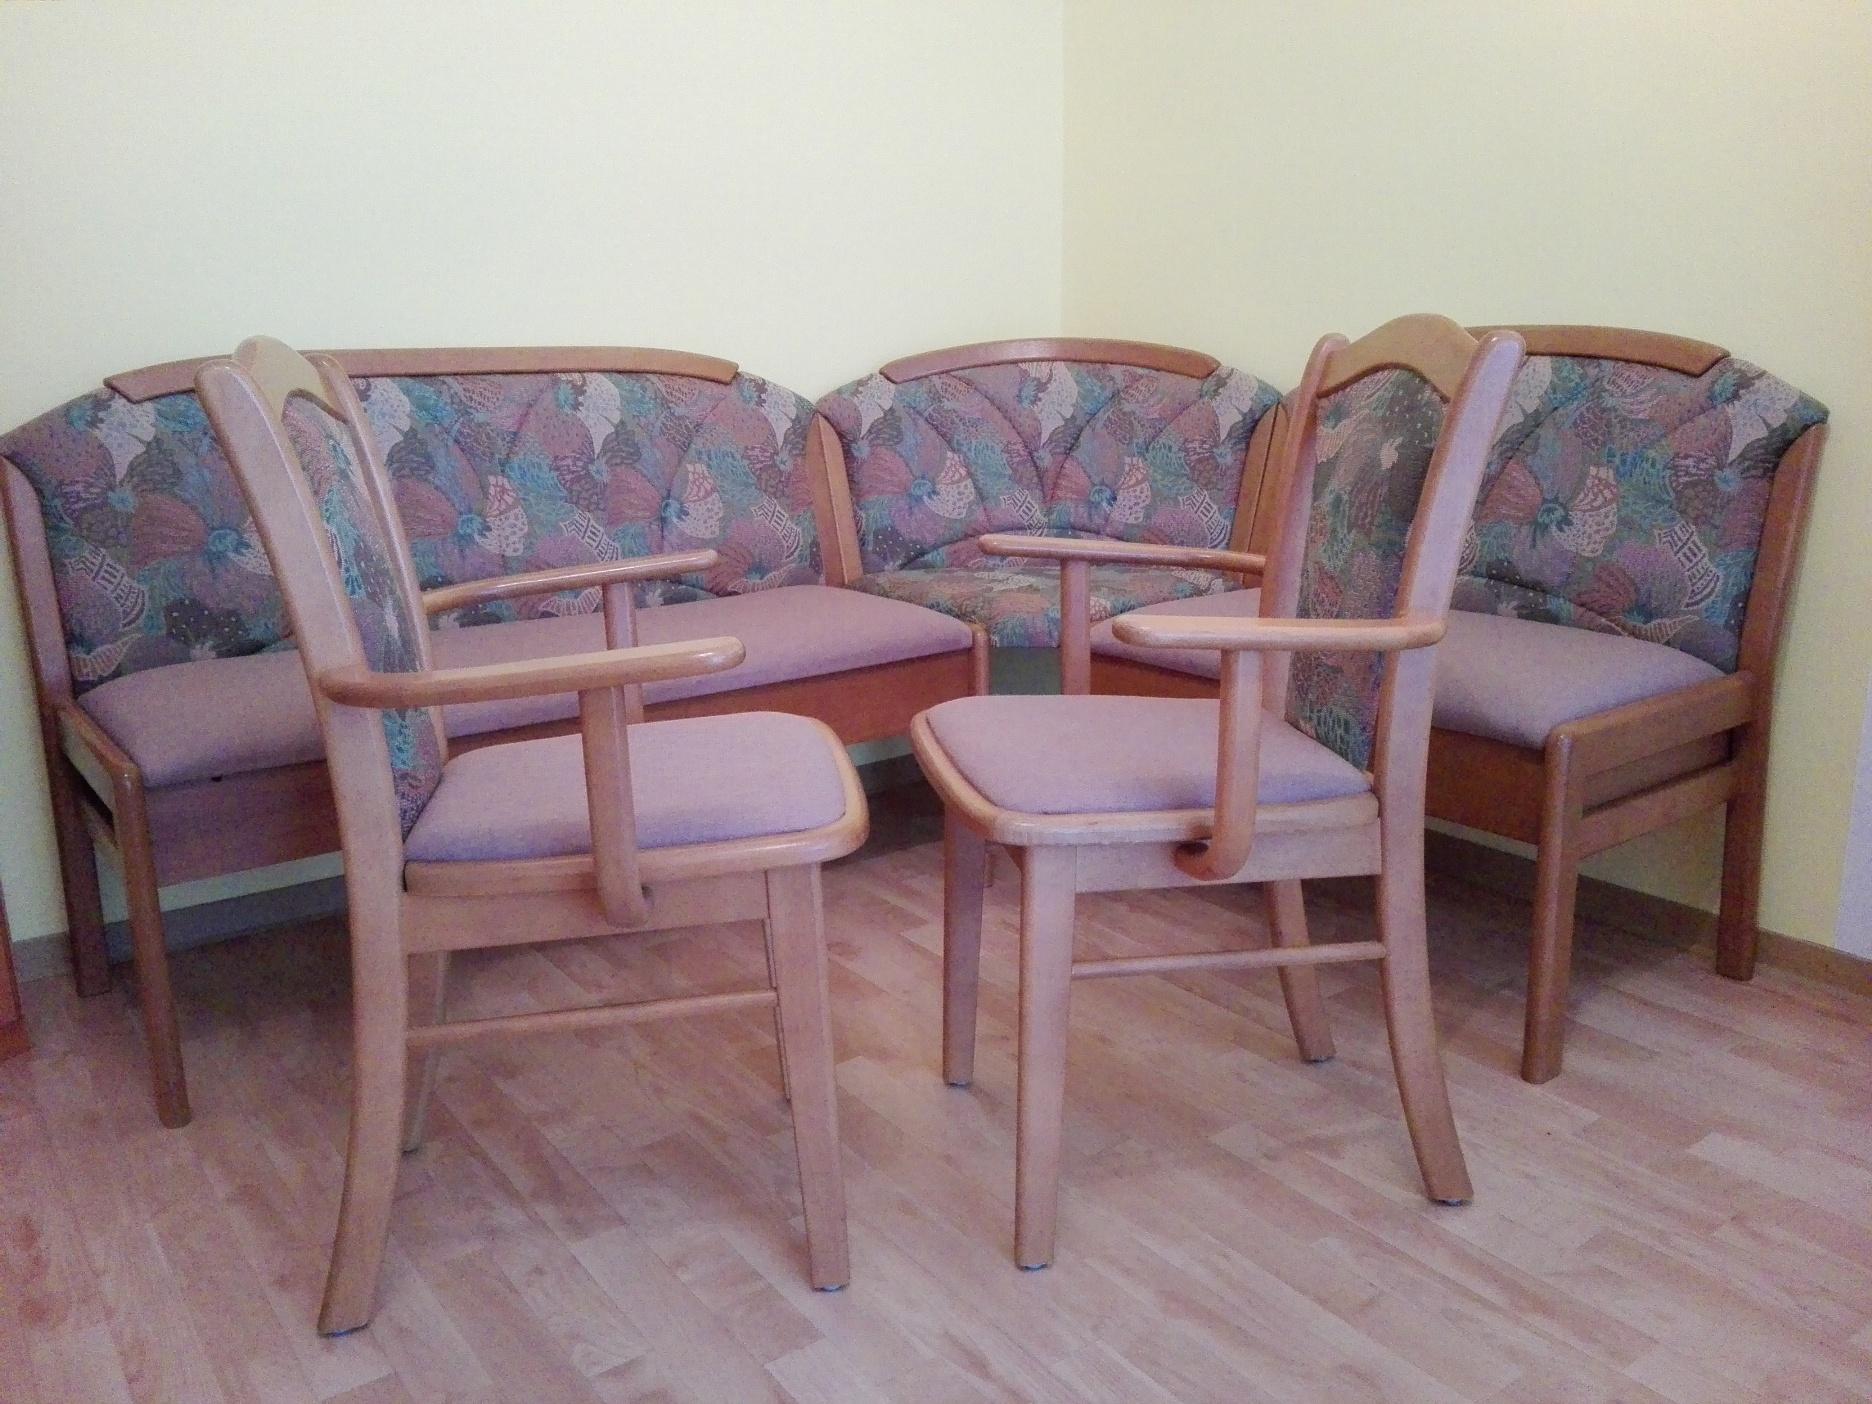 truhen eckbank 2 st hle buche erlefarbig 151x191 cm. Black Bedroom Furniture Sets. Home Design Ideas